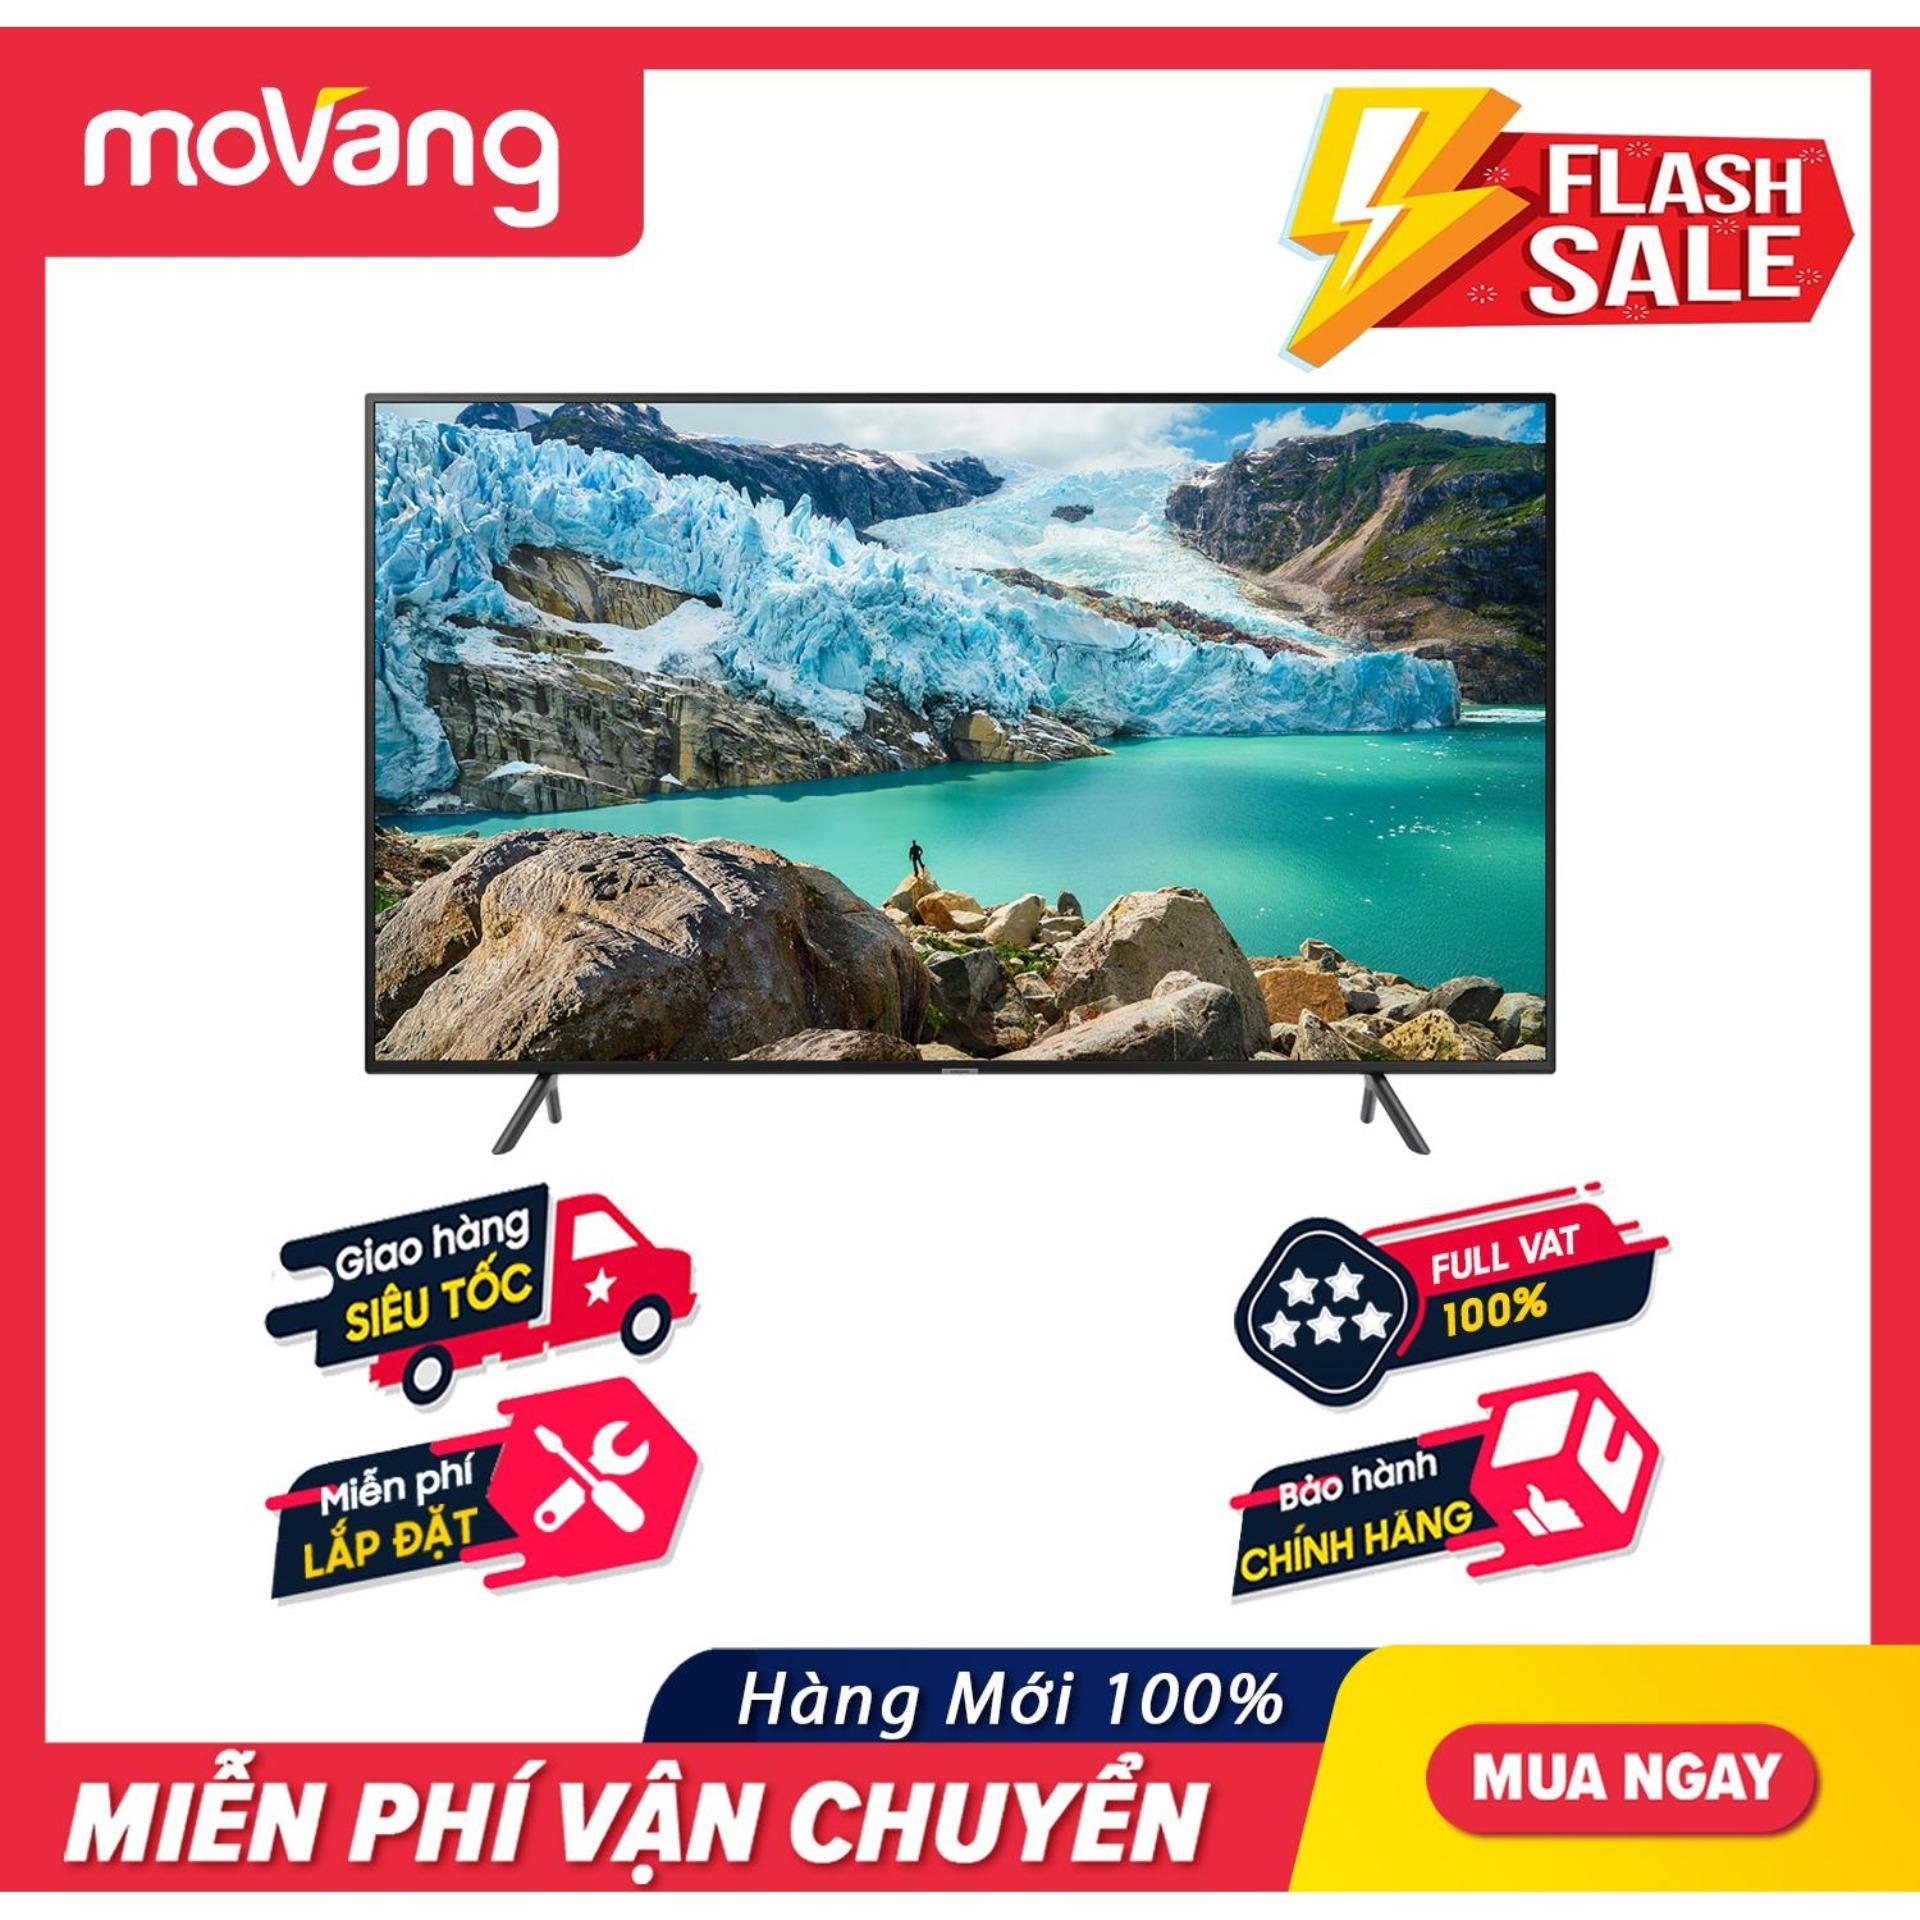 Bảng giá Smart Tivi Samsung 4K UHD 55 inch - Model UA55RU7200 (2019) - Công nghệ hình ảnh HDR, UHD Dimming, Purcolour + Điều khiển Tivi bằng điện thoại